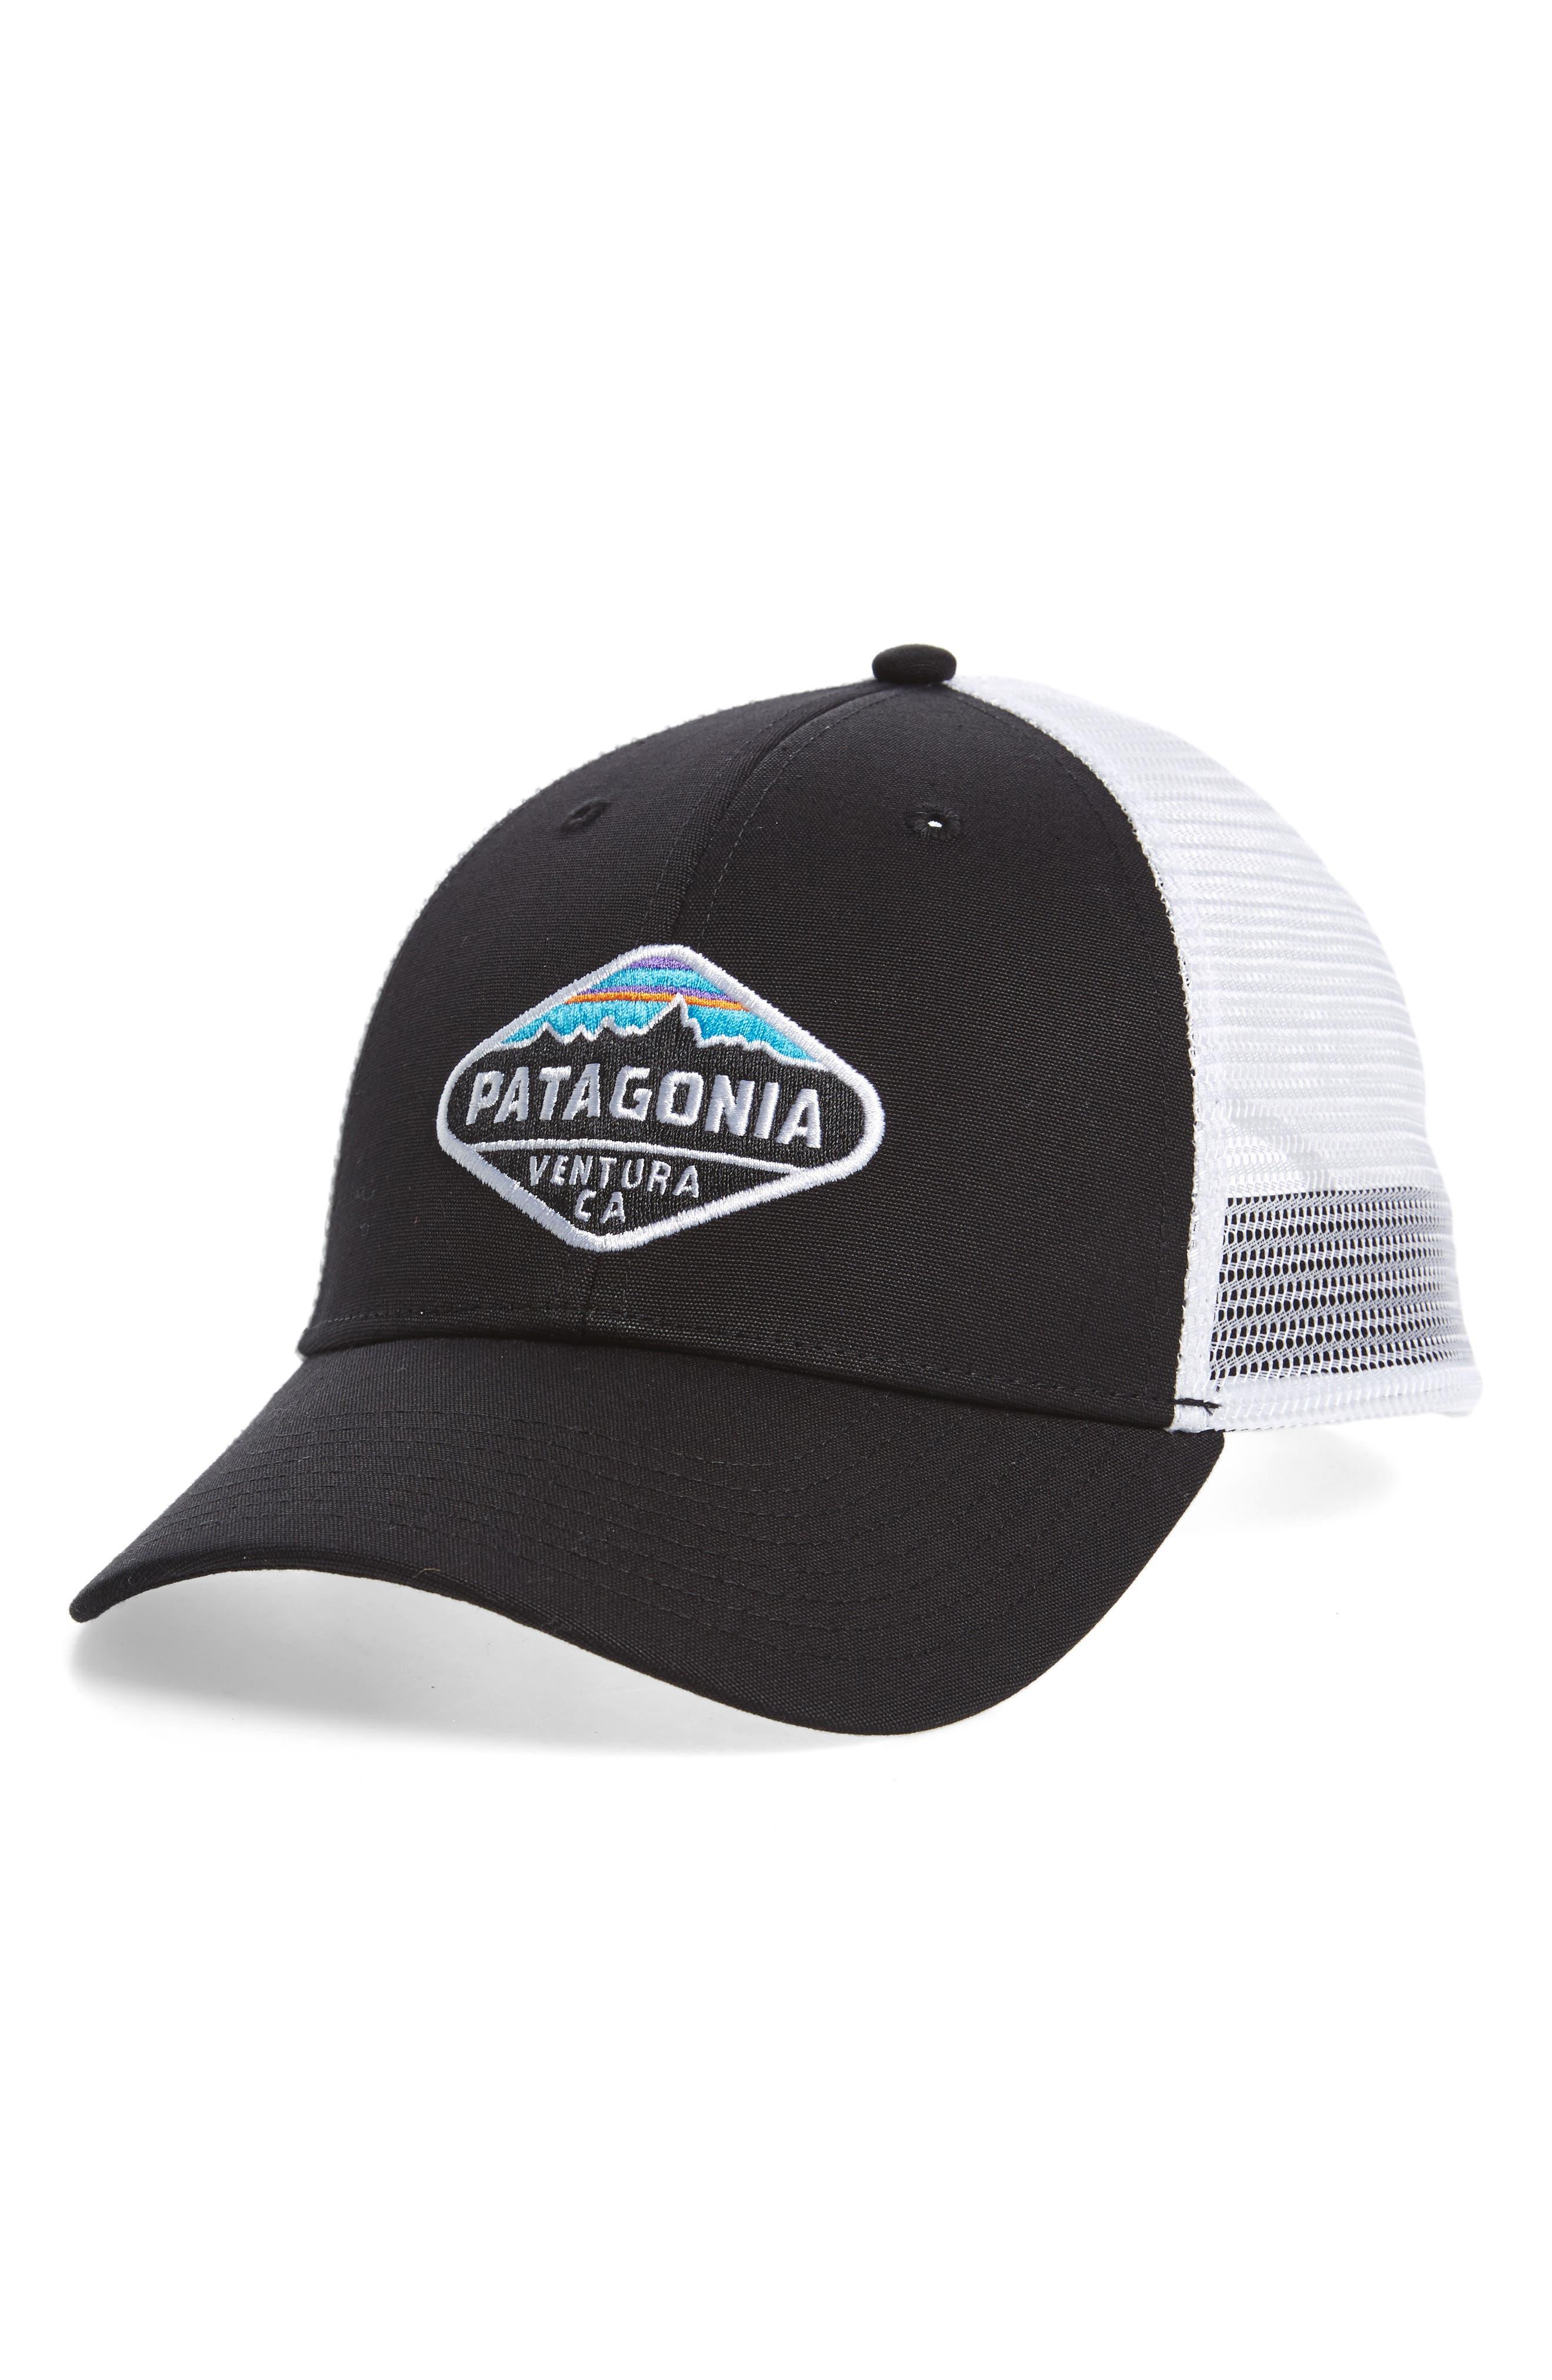 Patagonia 'FitzRoy Crest' Trucker Hat